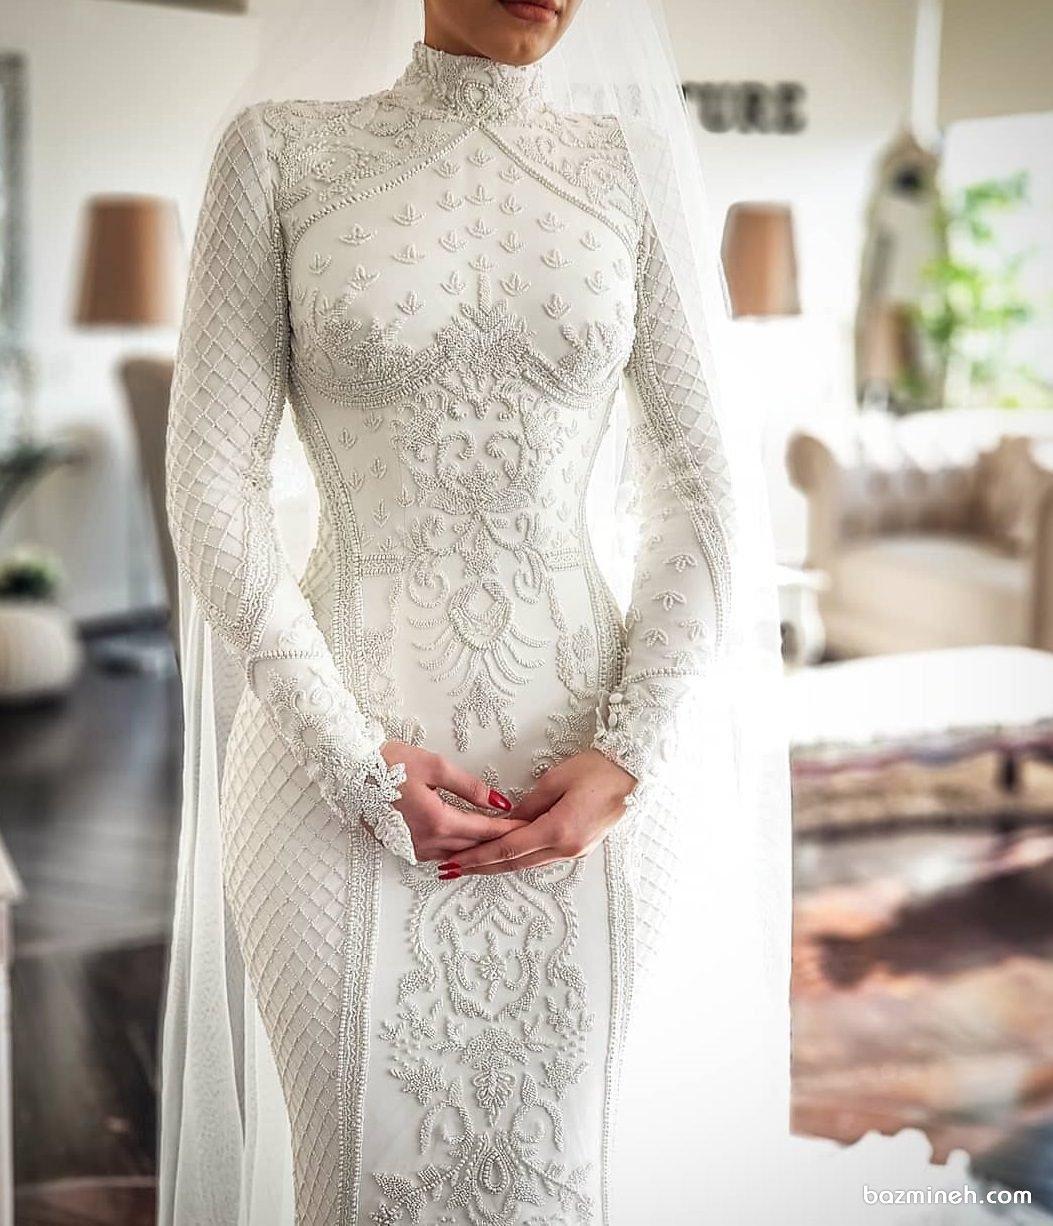 لباس عروس ساده و شیک پوشیده ماکسی سنگدوزی شده با تور عروس بلند مناسب برای عروس خانم های خوش سلیقه